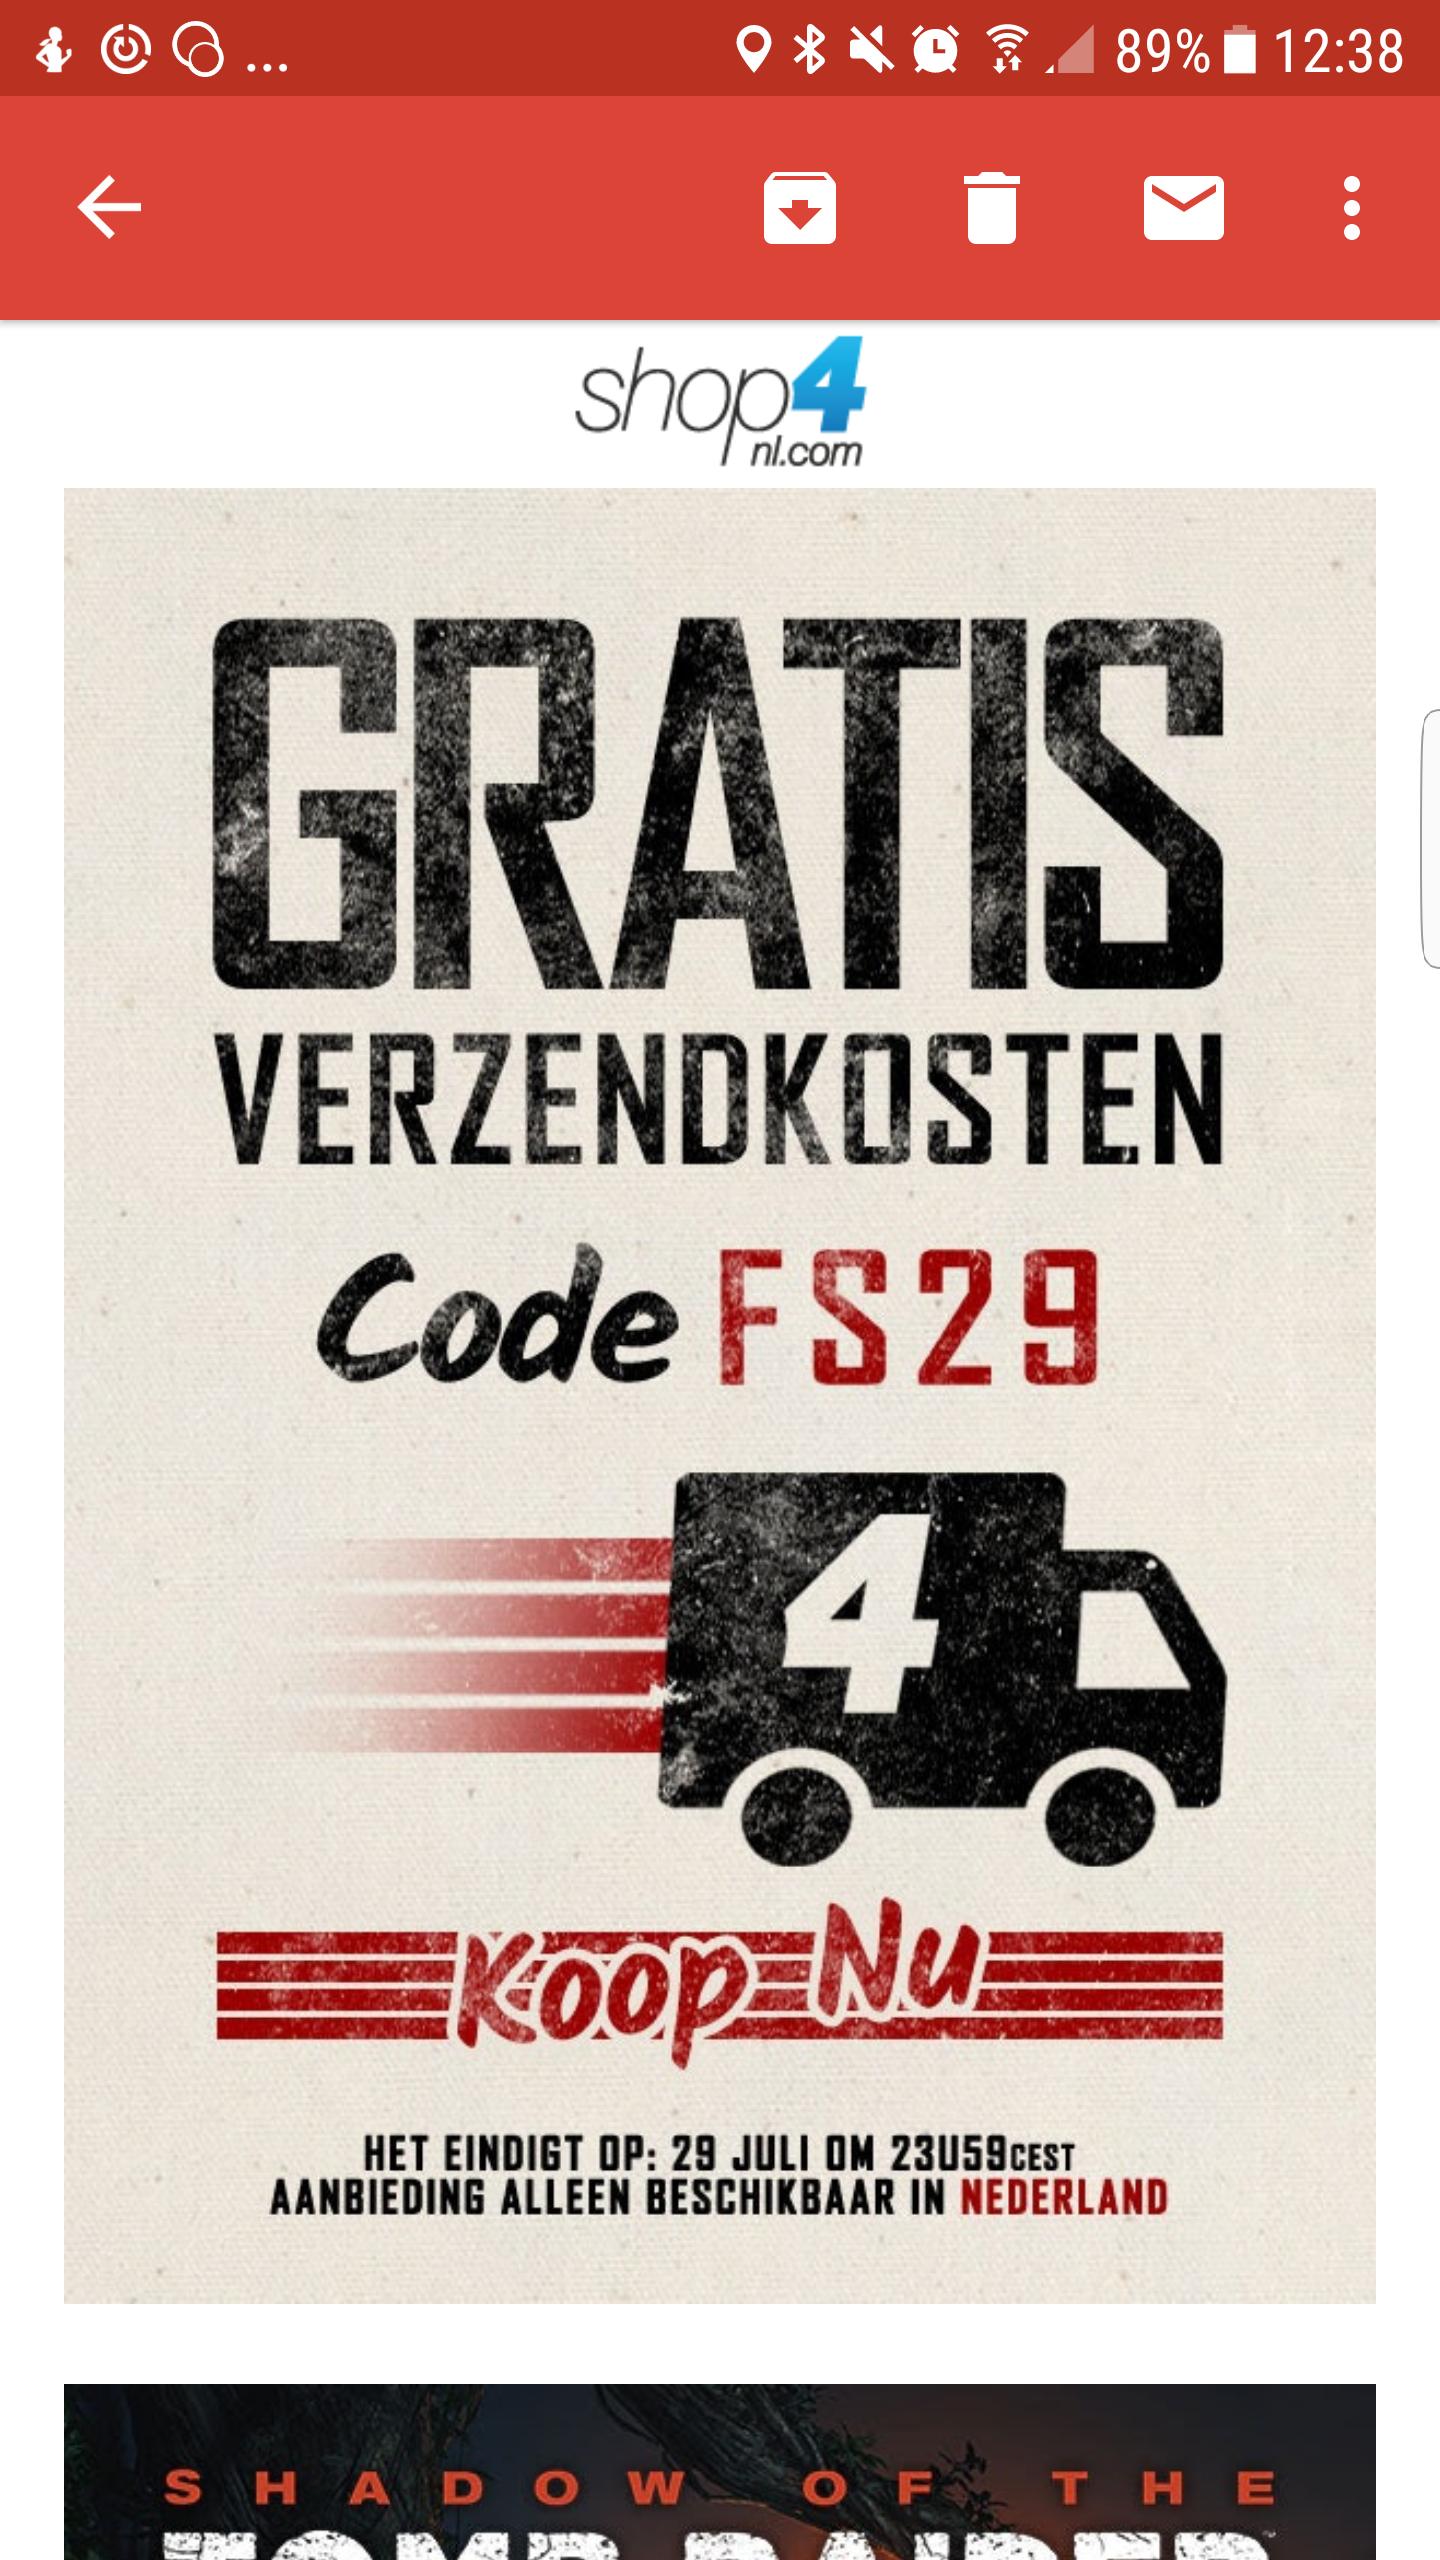 Code voor geen verzendkosten bij Shop4nl.com